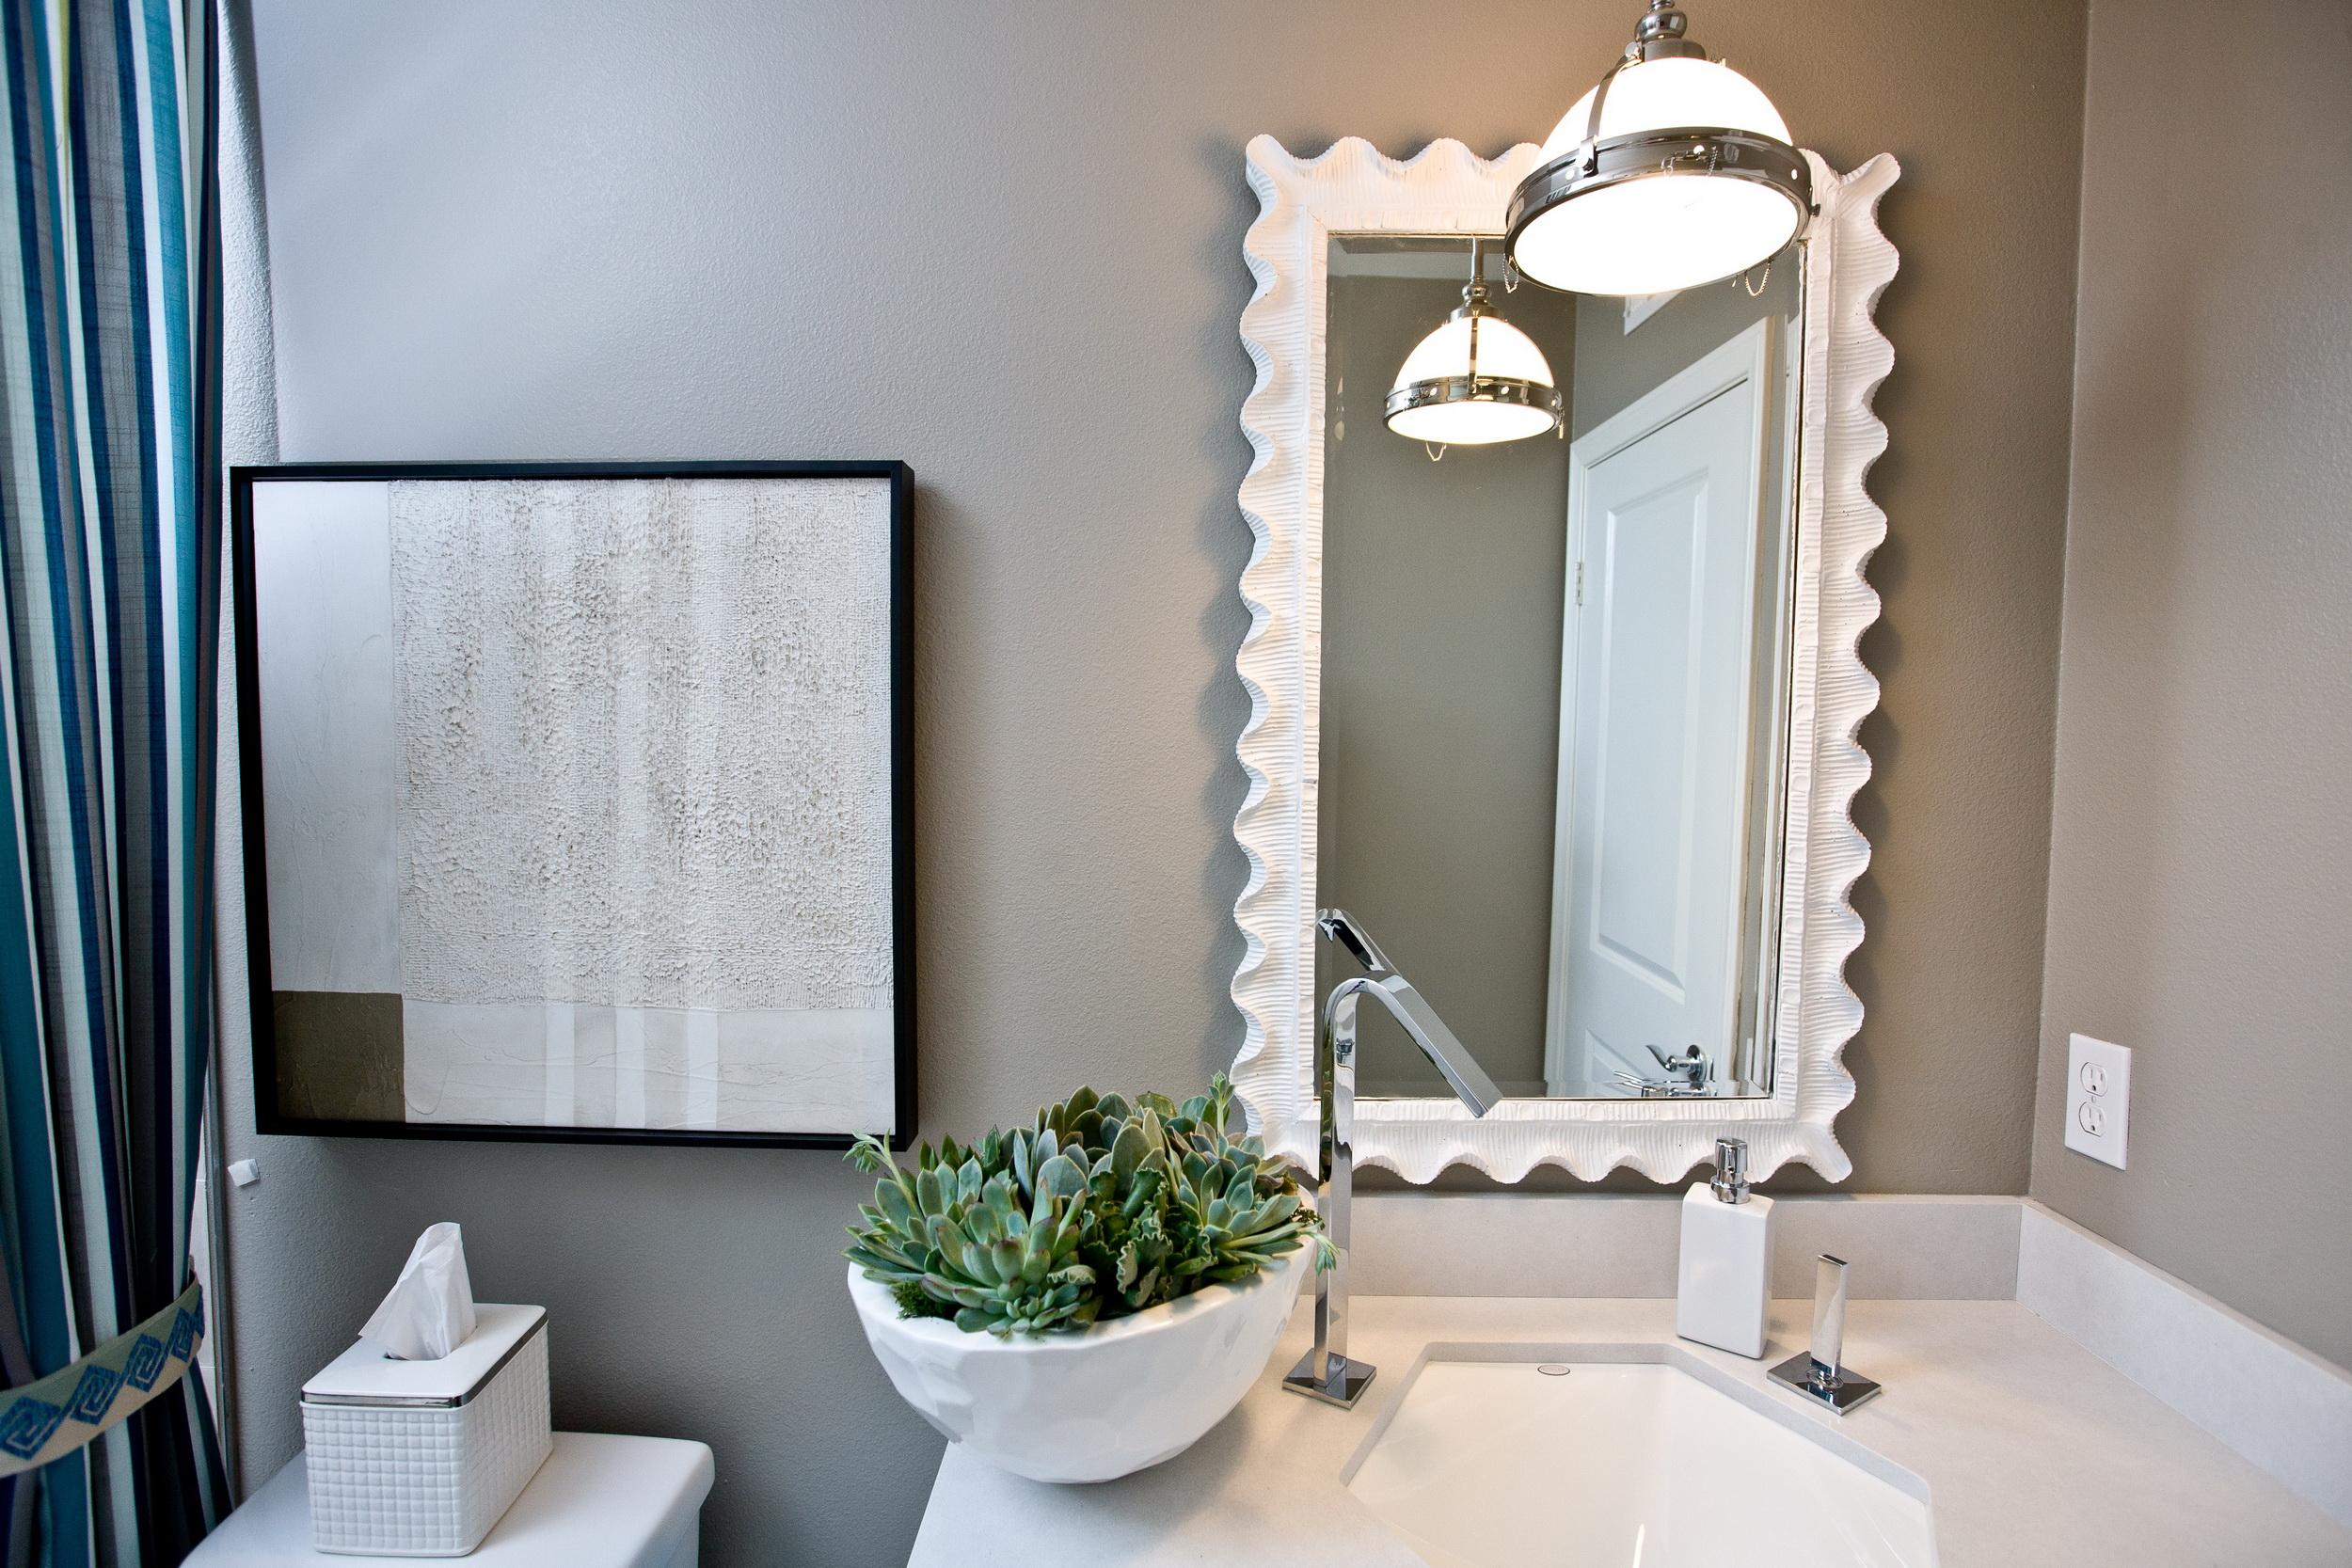 Интерьер ванной комнаты. Белый умывальник, Зеркало в белой раме. Картина в белых тонах. Синяя полосатая штора